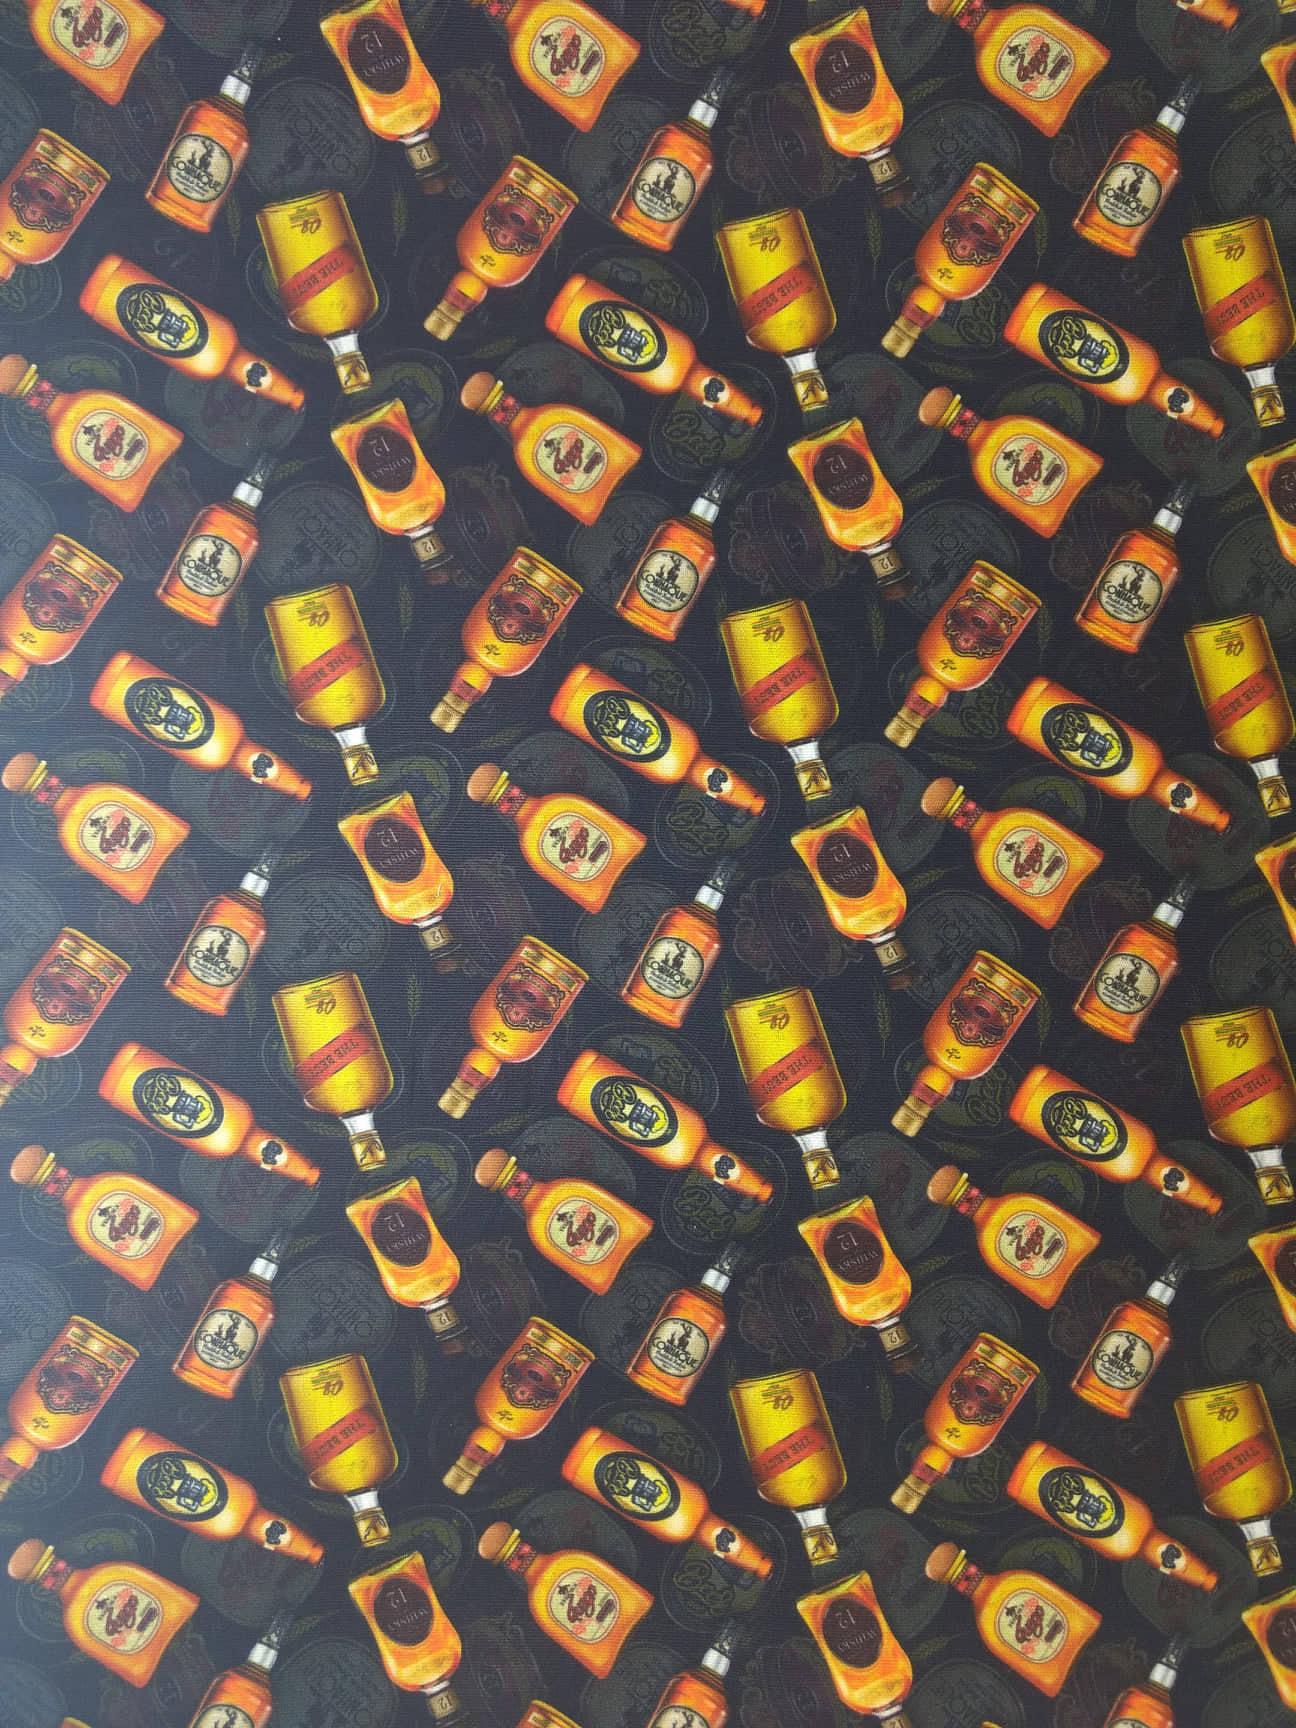 Tecido Tricoline Digital Estampado Garrafas de Bebidas - Fundo Preto - Preço de 50 cm x 150 cm